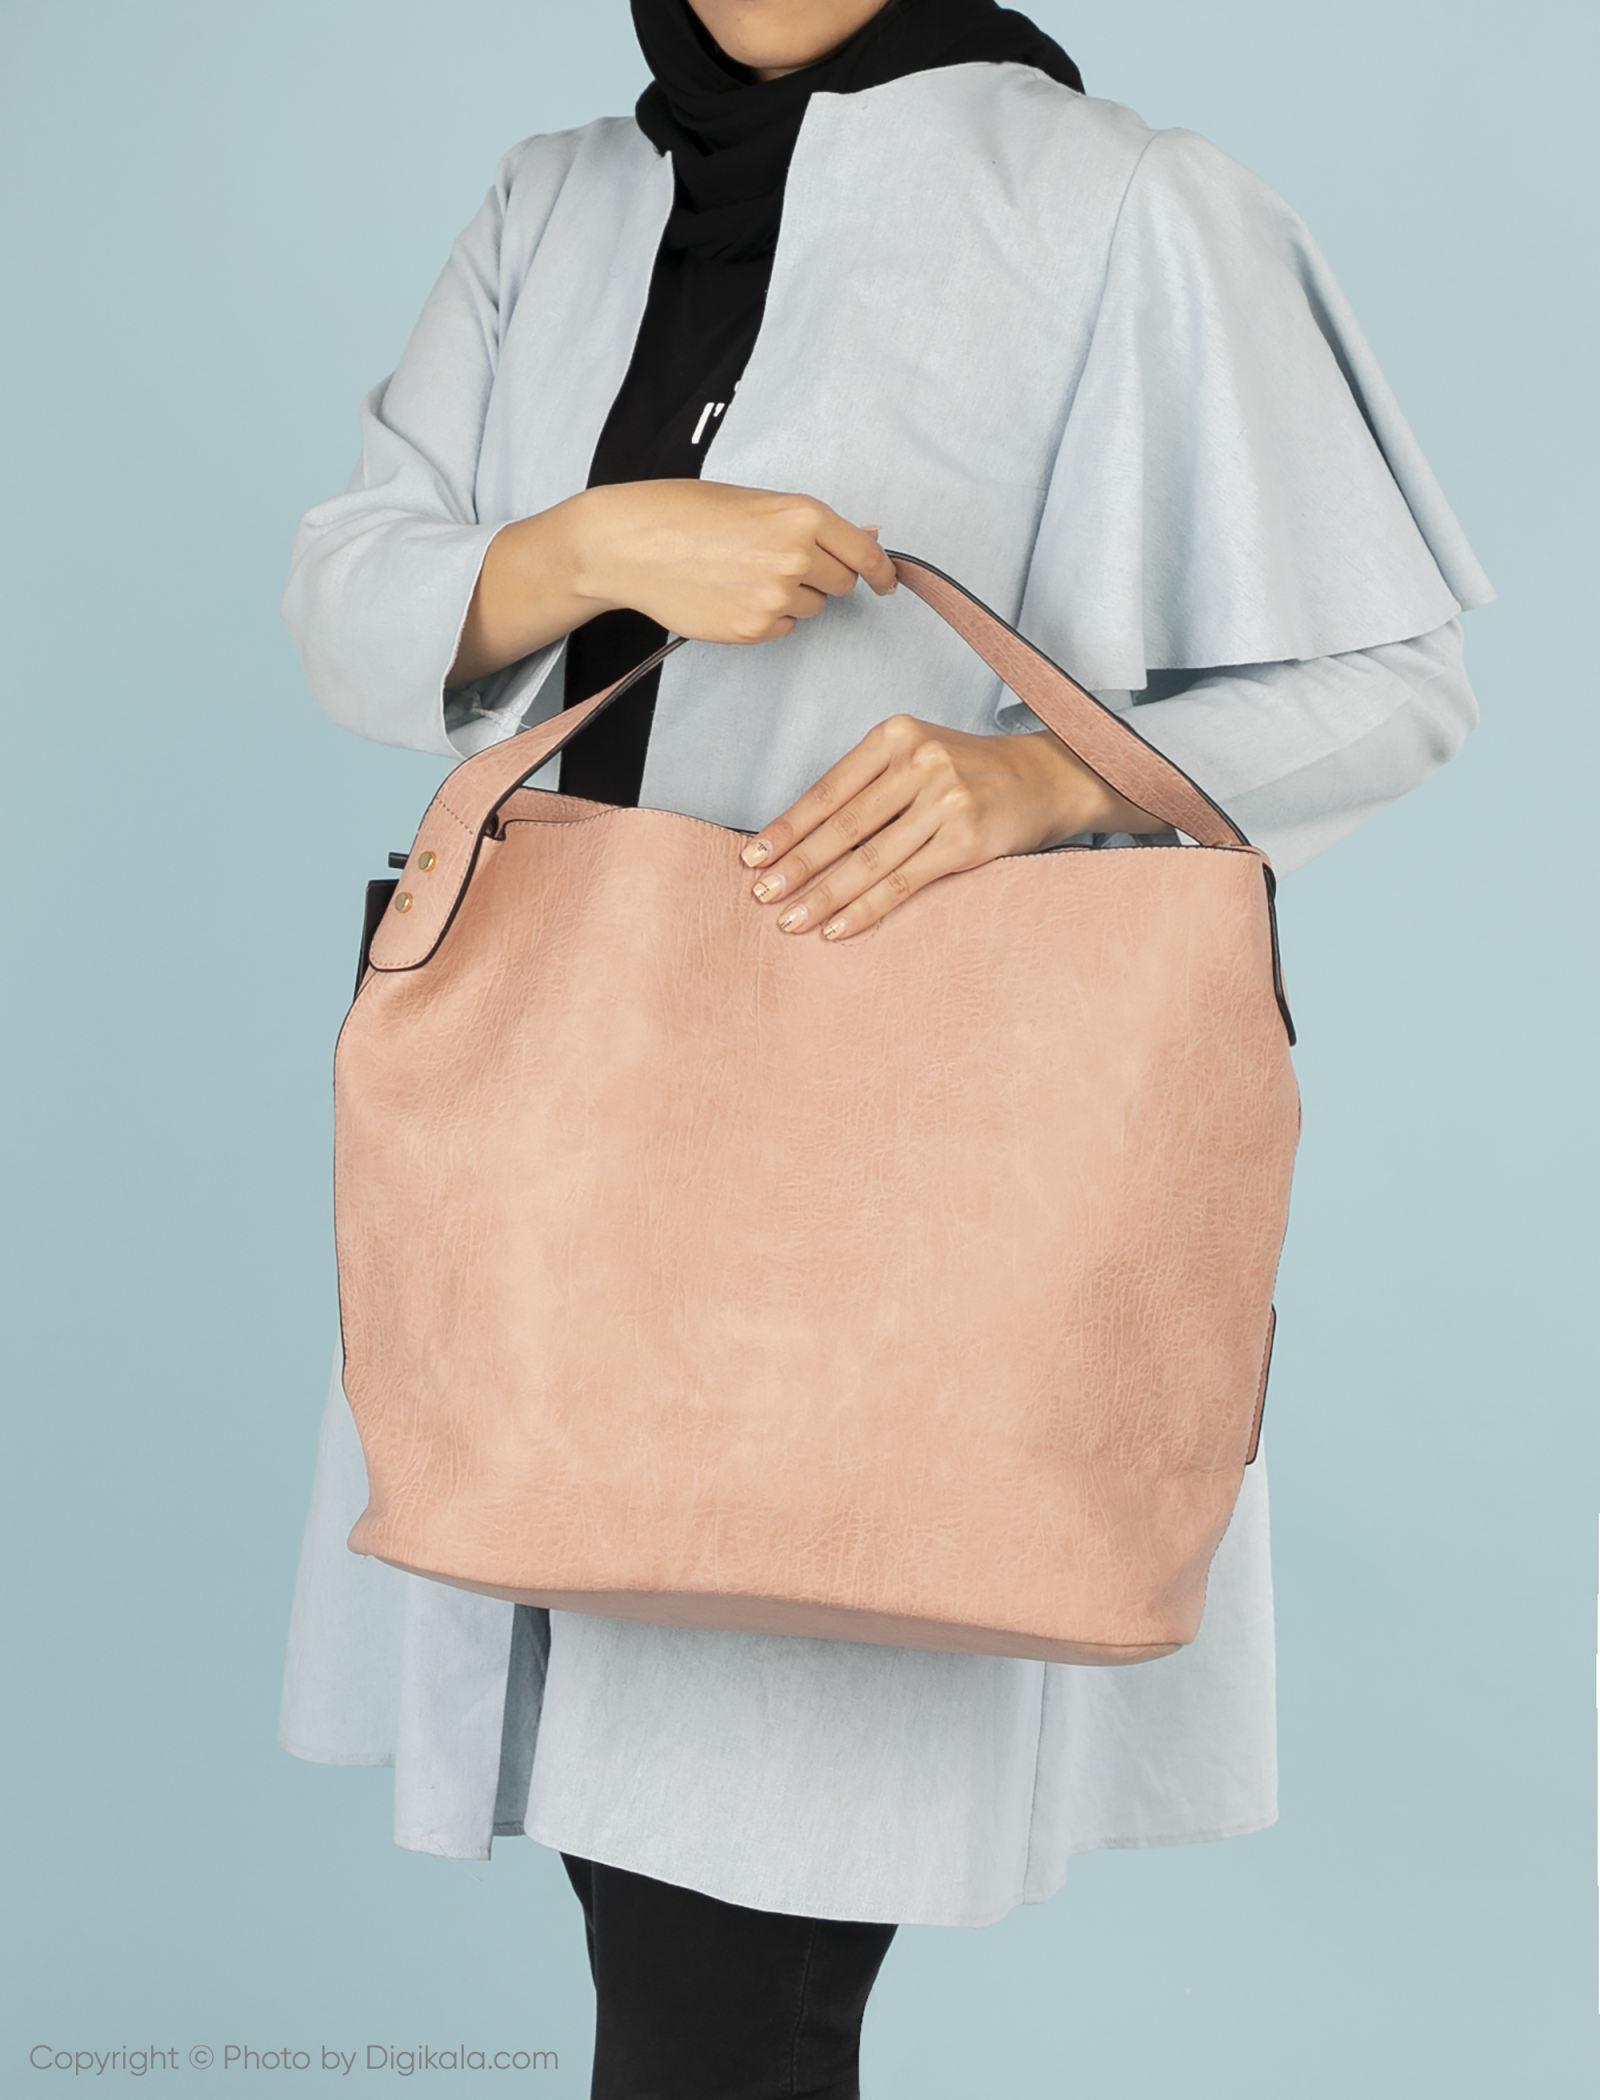 کیف دستی روزمره زنانه - دادلین تک سایز - صورتي - 2